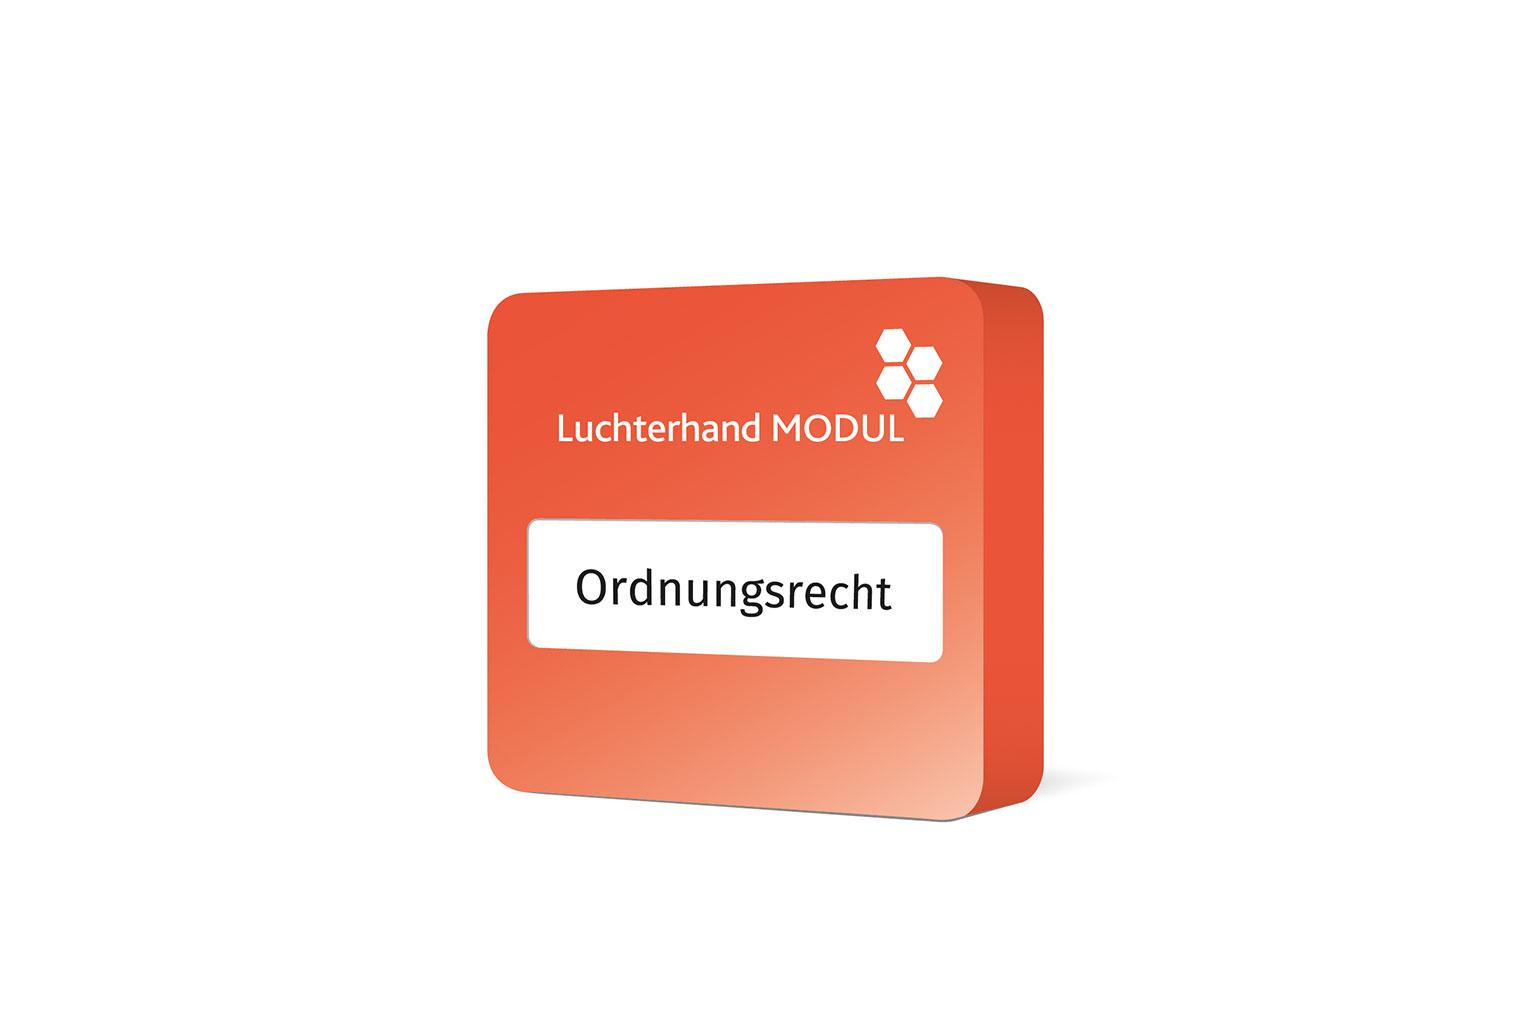 WKO-Modul-OrdnungsR-1536x1024